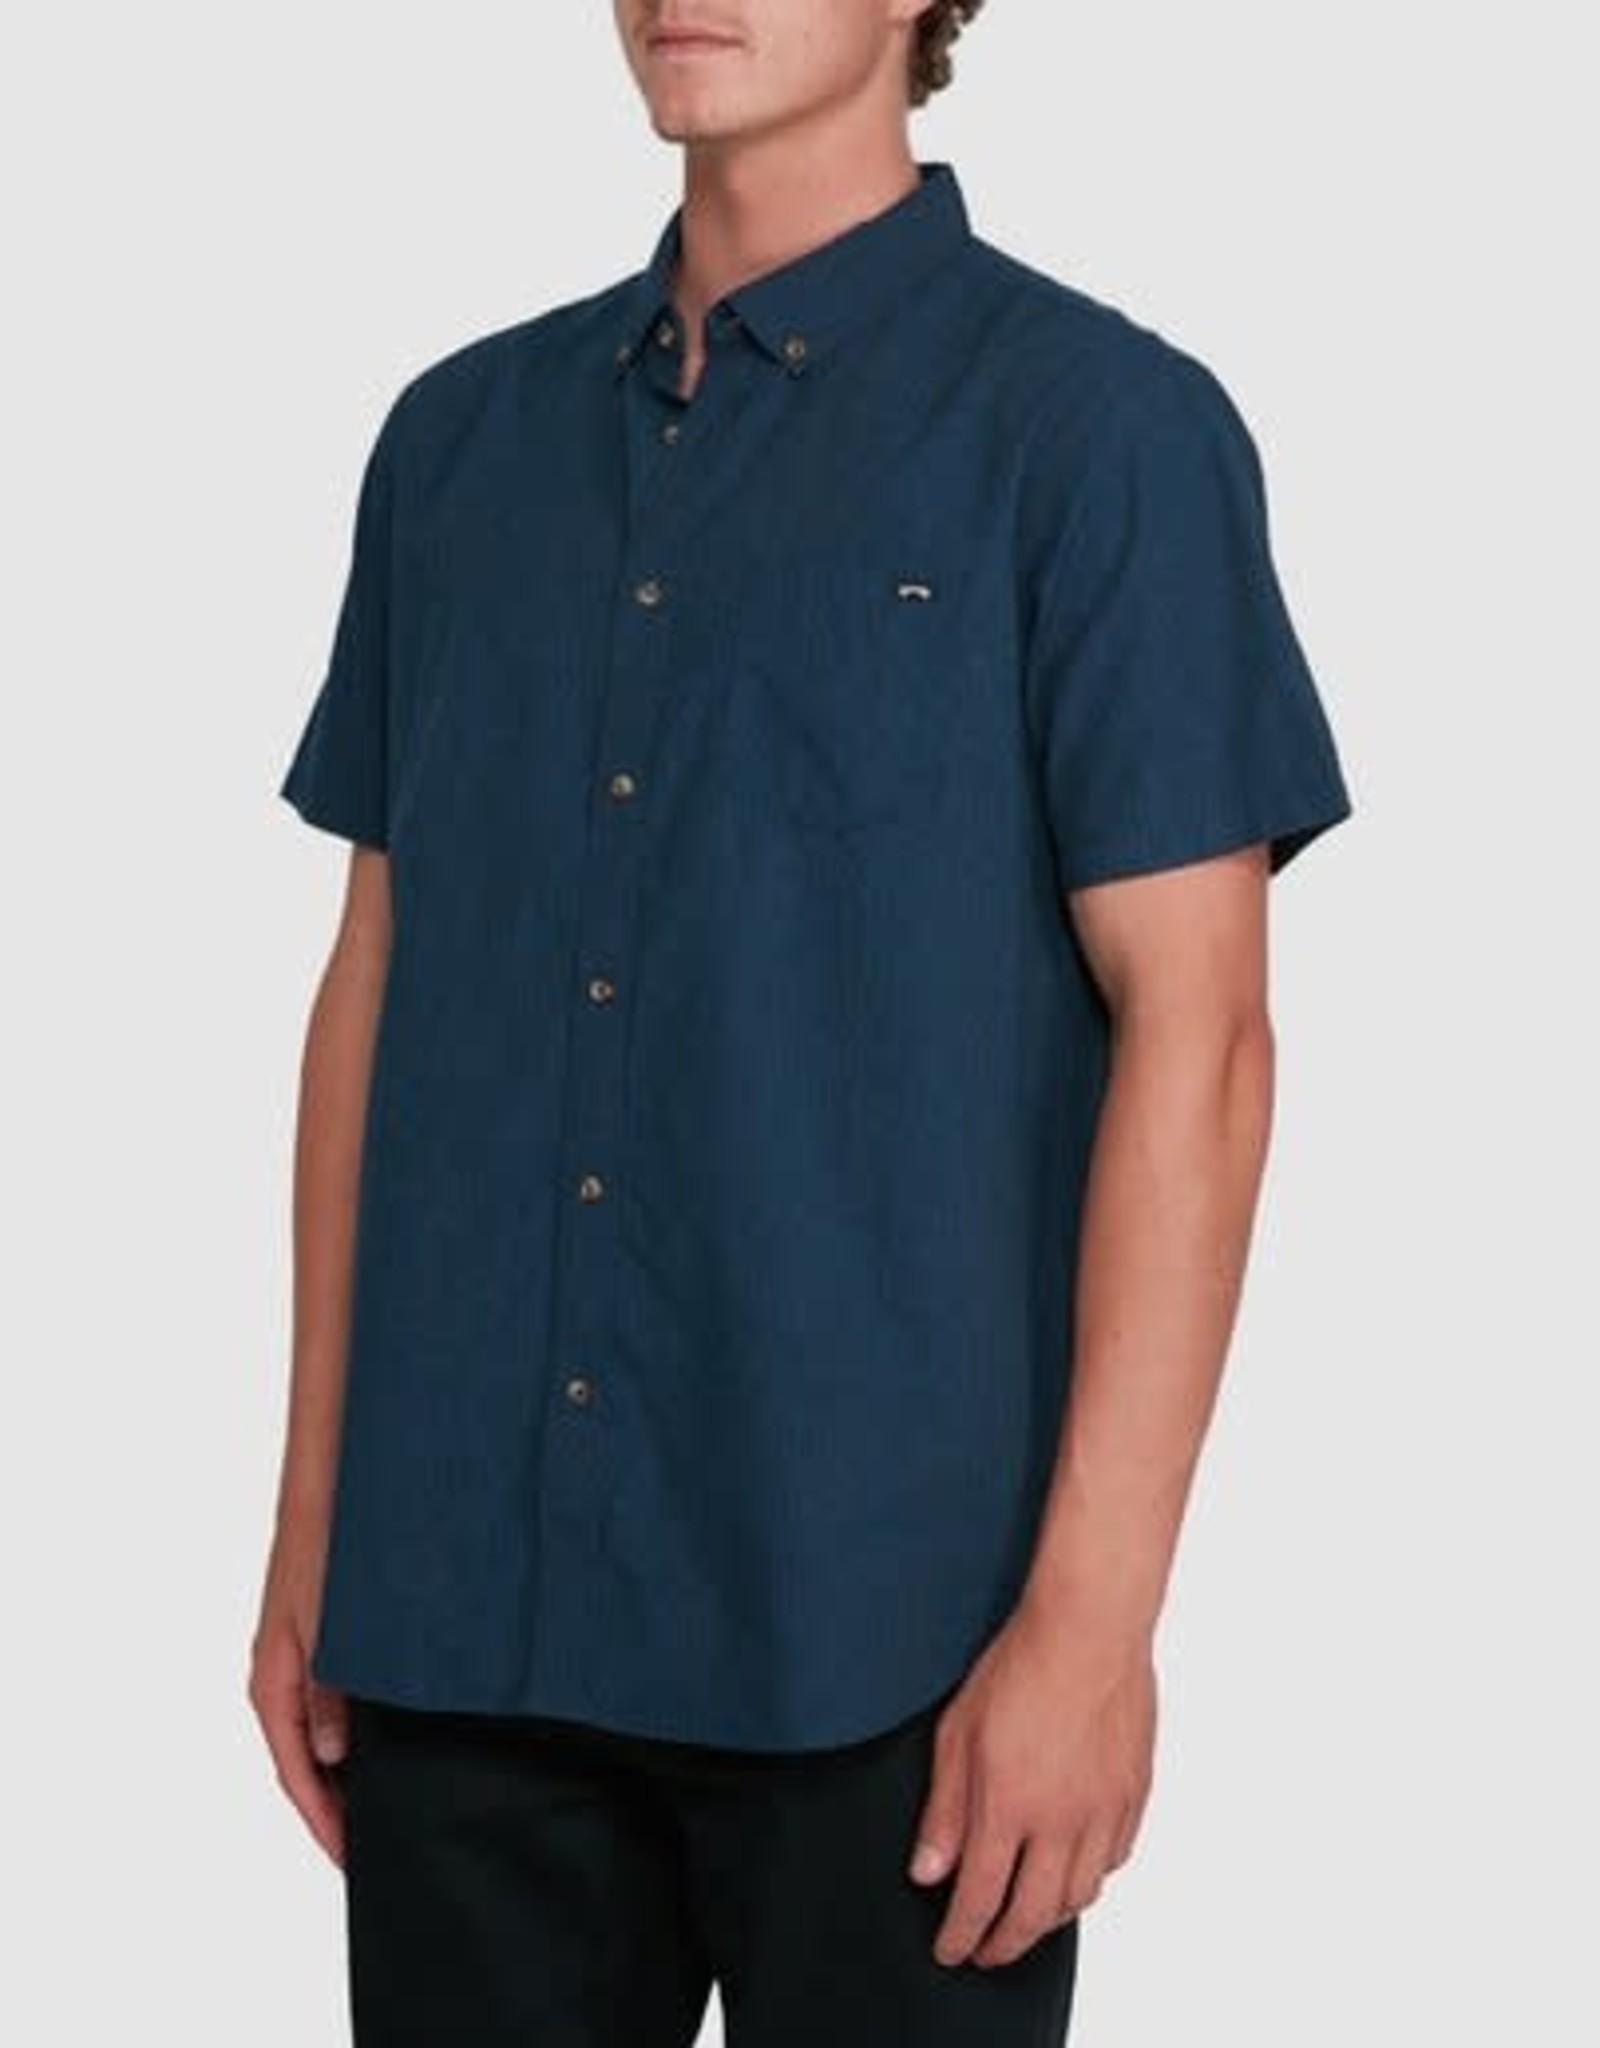 BILLABONG All Day Short Sleeve Shirt